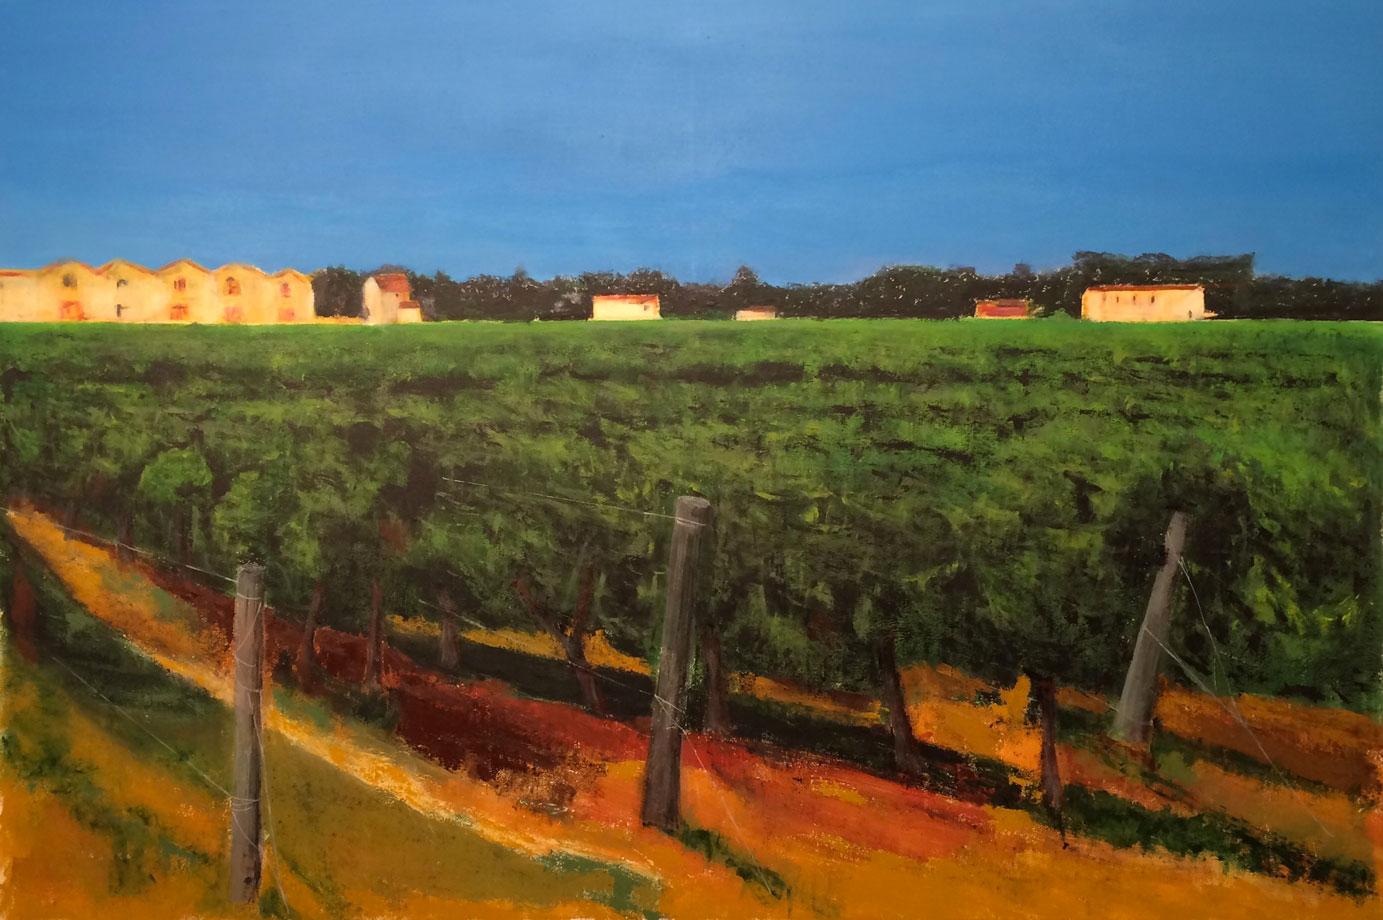 N°3130 - Les quatre saisons à l'Enclos de la Croix - L'été - Acrylique et pigments sur toile - 130 x 195 cm - 16 octobre 2016